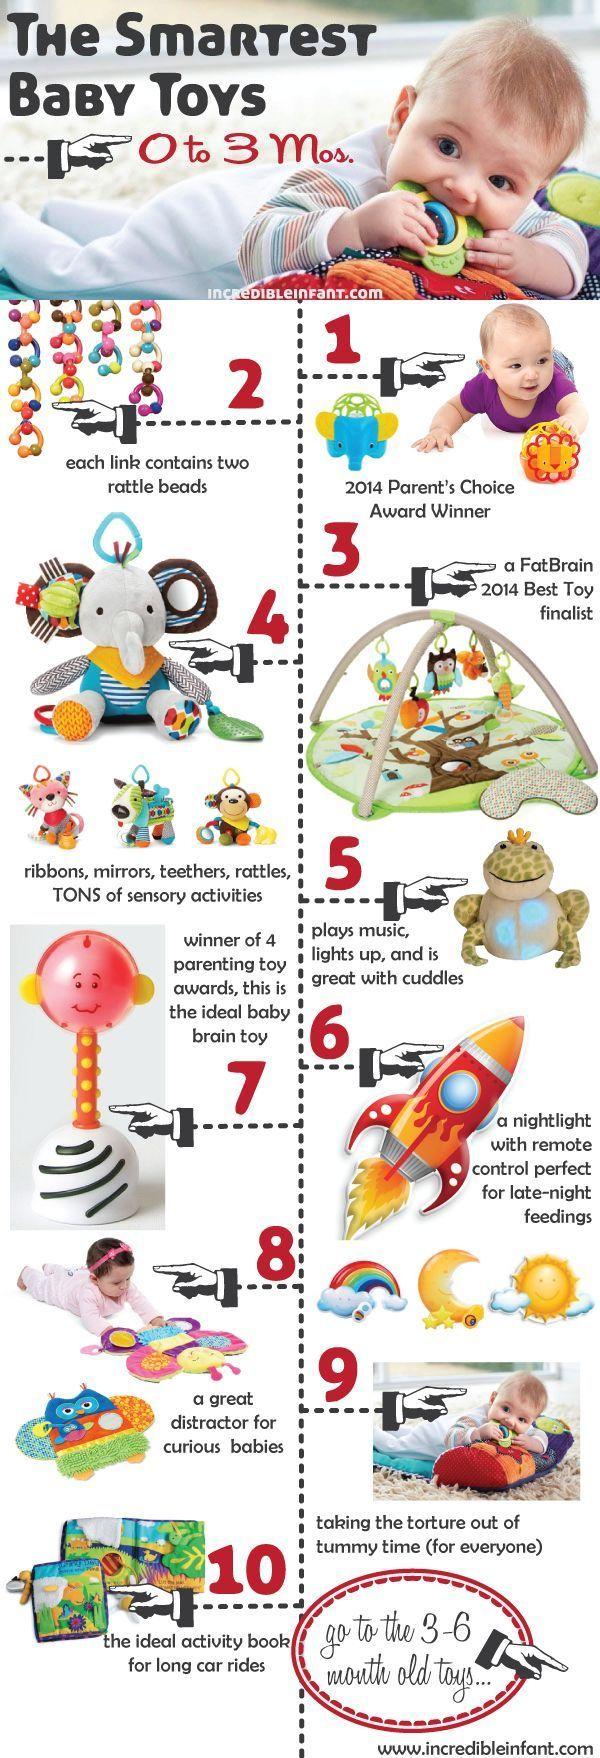 Car mirror hanging toys  TheSmartestBabyToysforAgesMonths  Baby Ariel